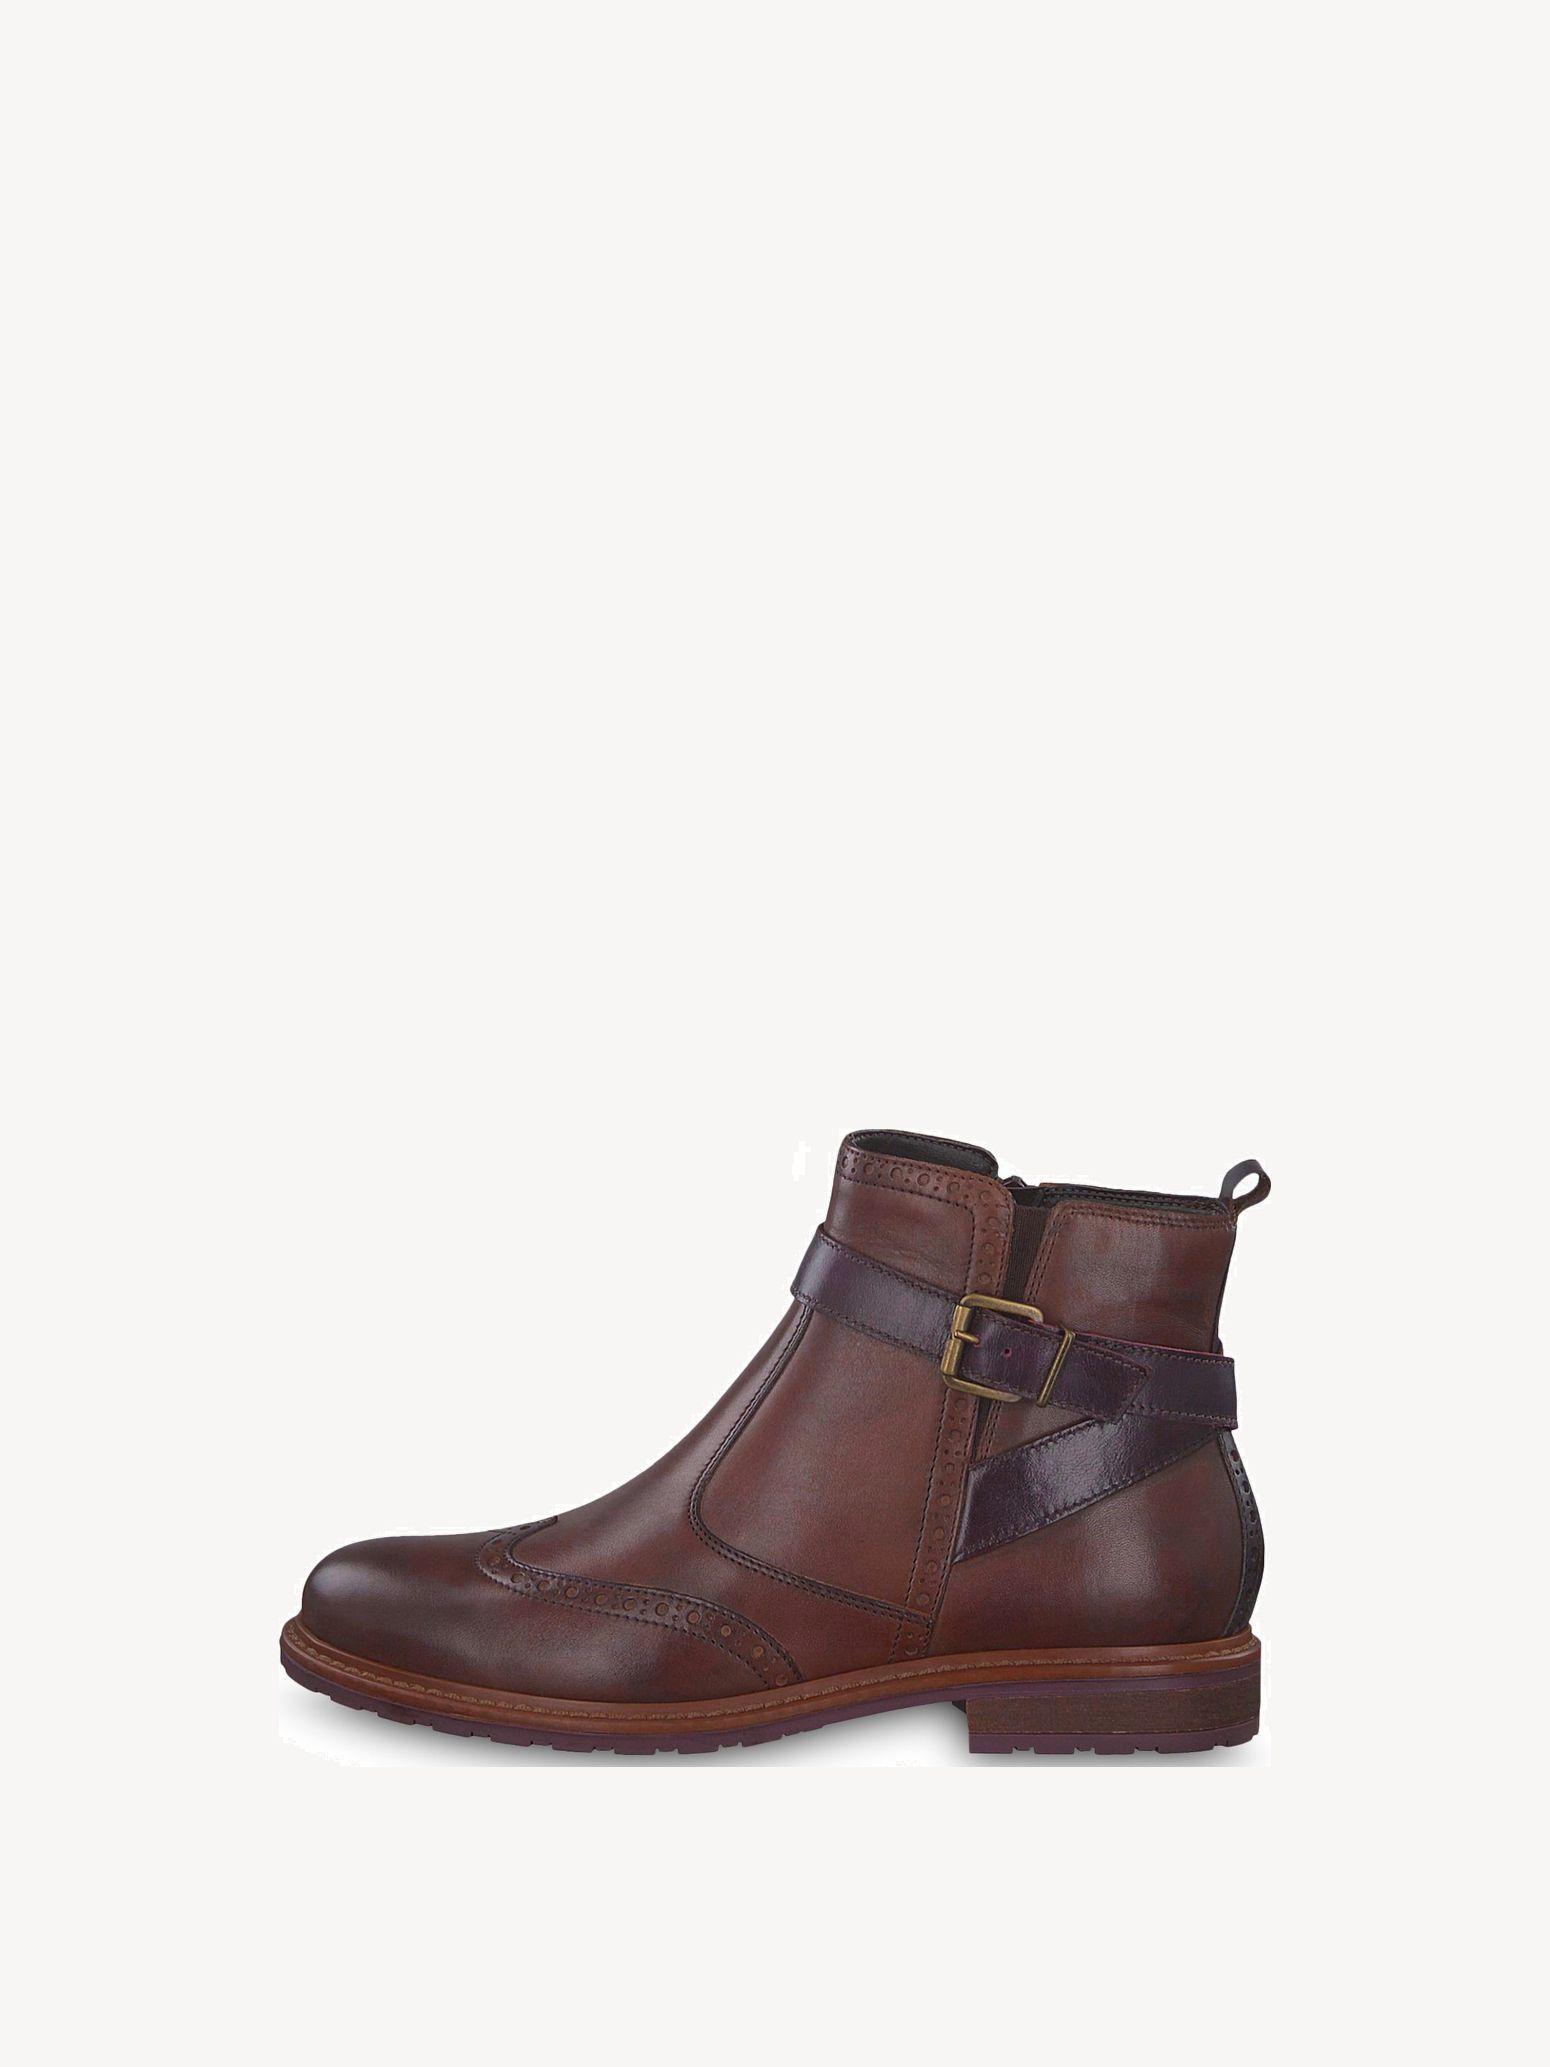 30b9c6c04b92e Chaussures Boutique Sur La Pour En Femmes Tamaris Ligne BrSwIqr